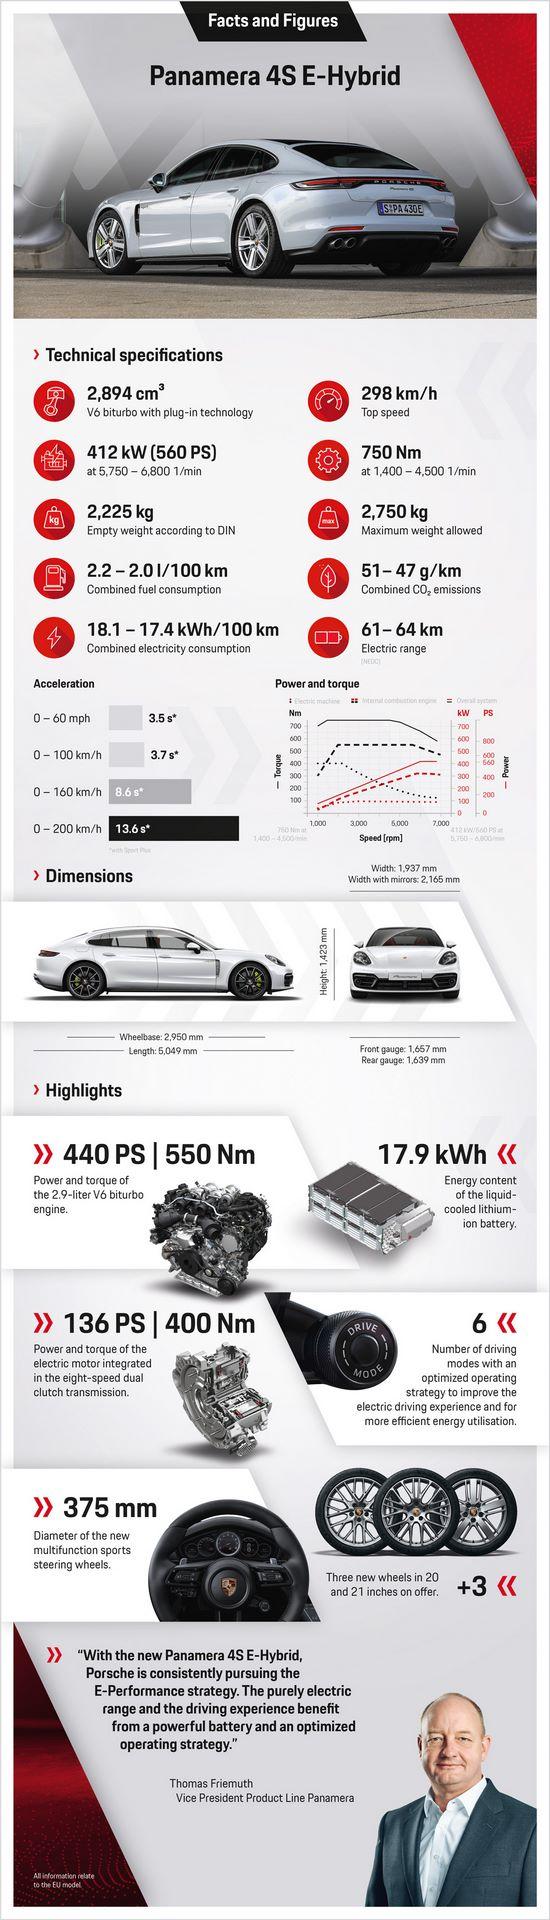 2020.08.24_PORSCHE_Infografik_Panamera_4S_E-Hybrid_EN_v4.indd